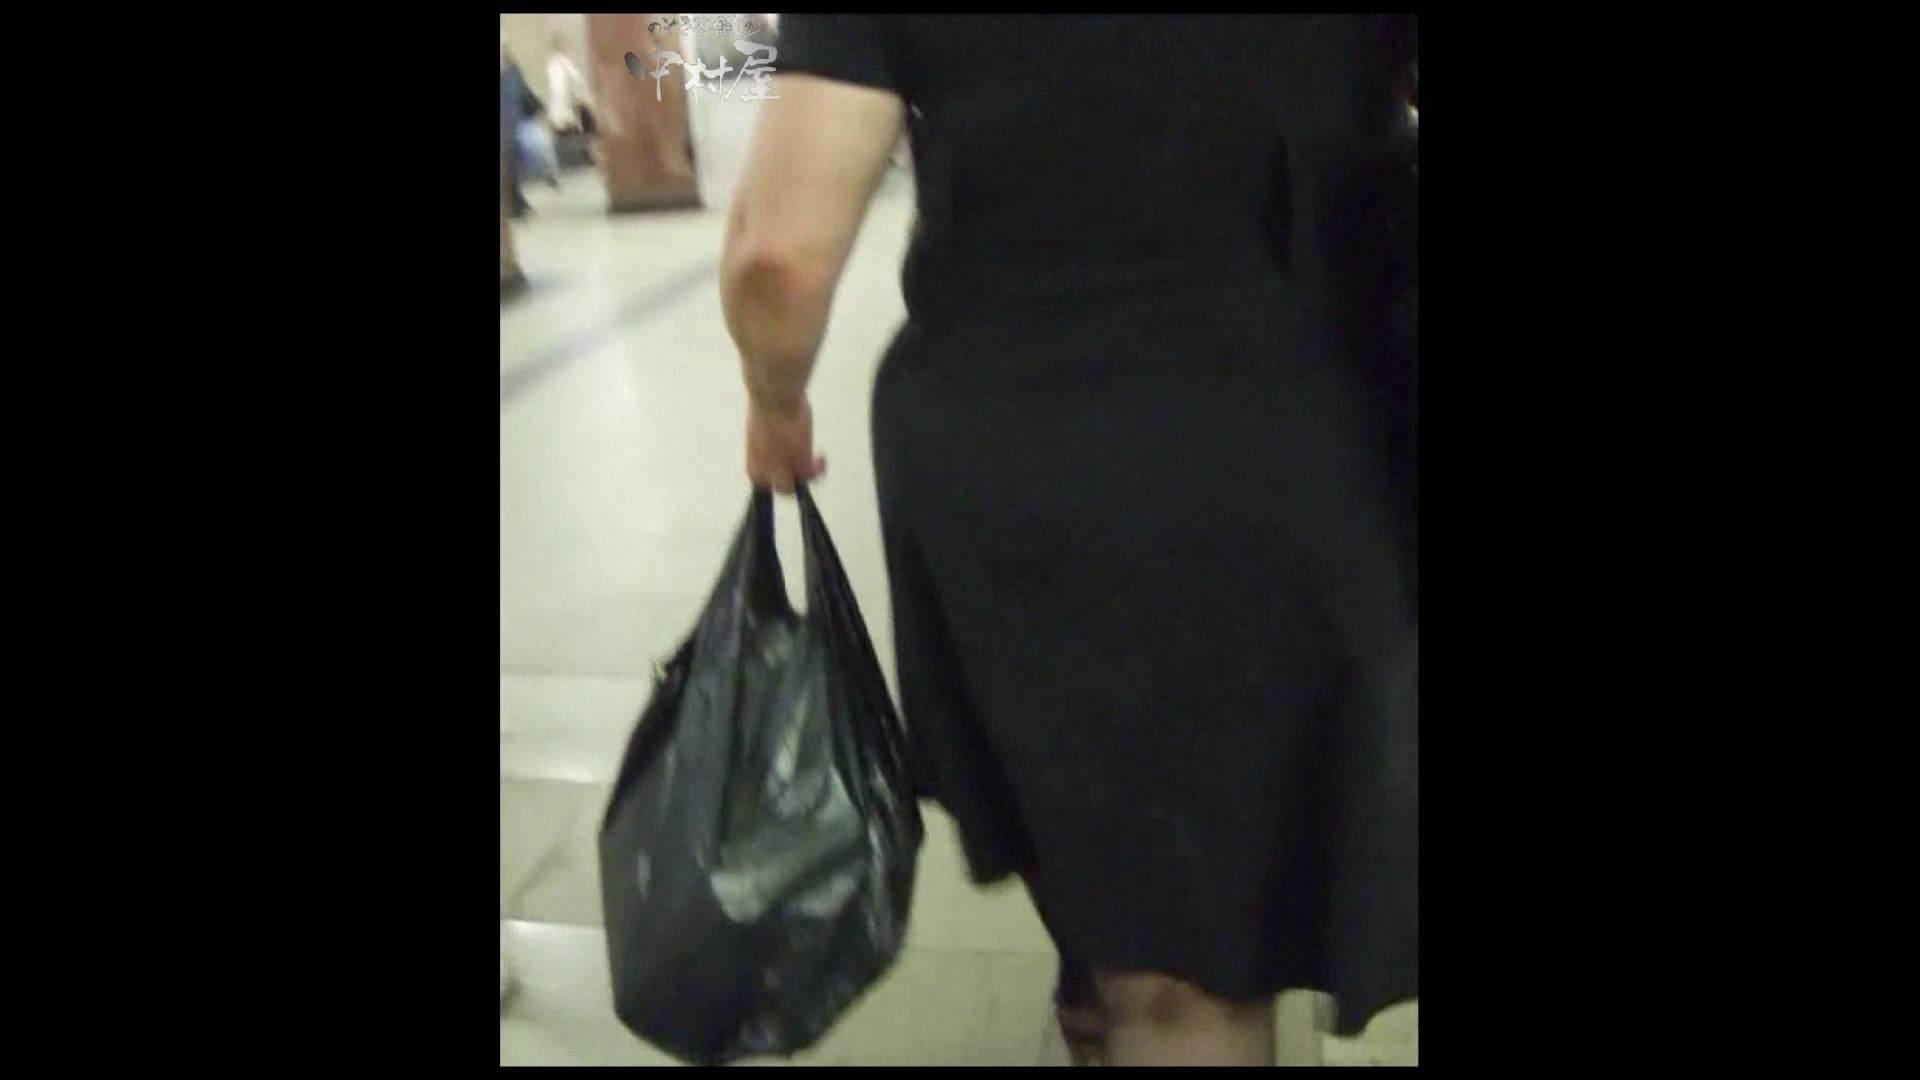 綺麗なモデルさんのスカート捲っちゃおう‼ vol29 0   0  68pic 53